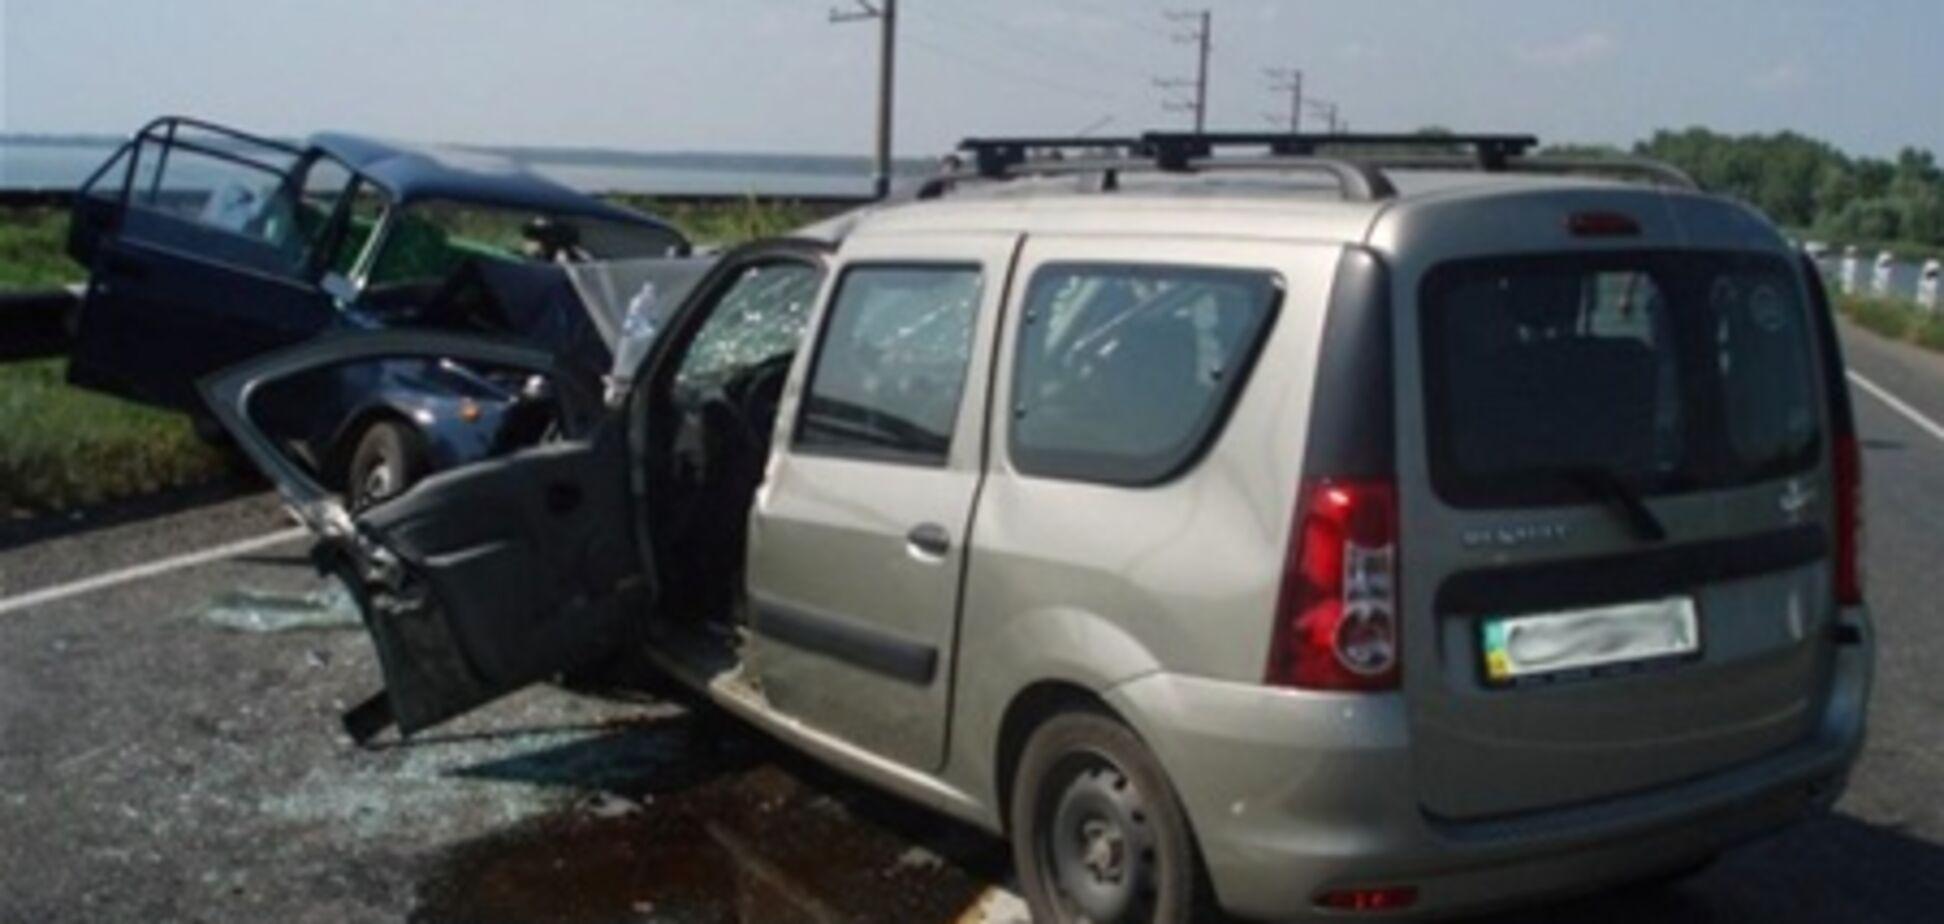 Водитель «Рено» уснул за рулем (подробности аварии в Черкассах, унесшей жизни двух человек)